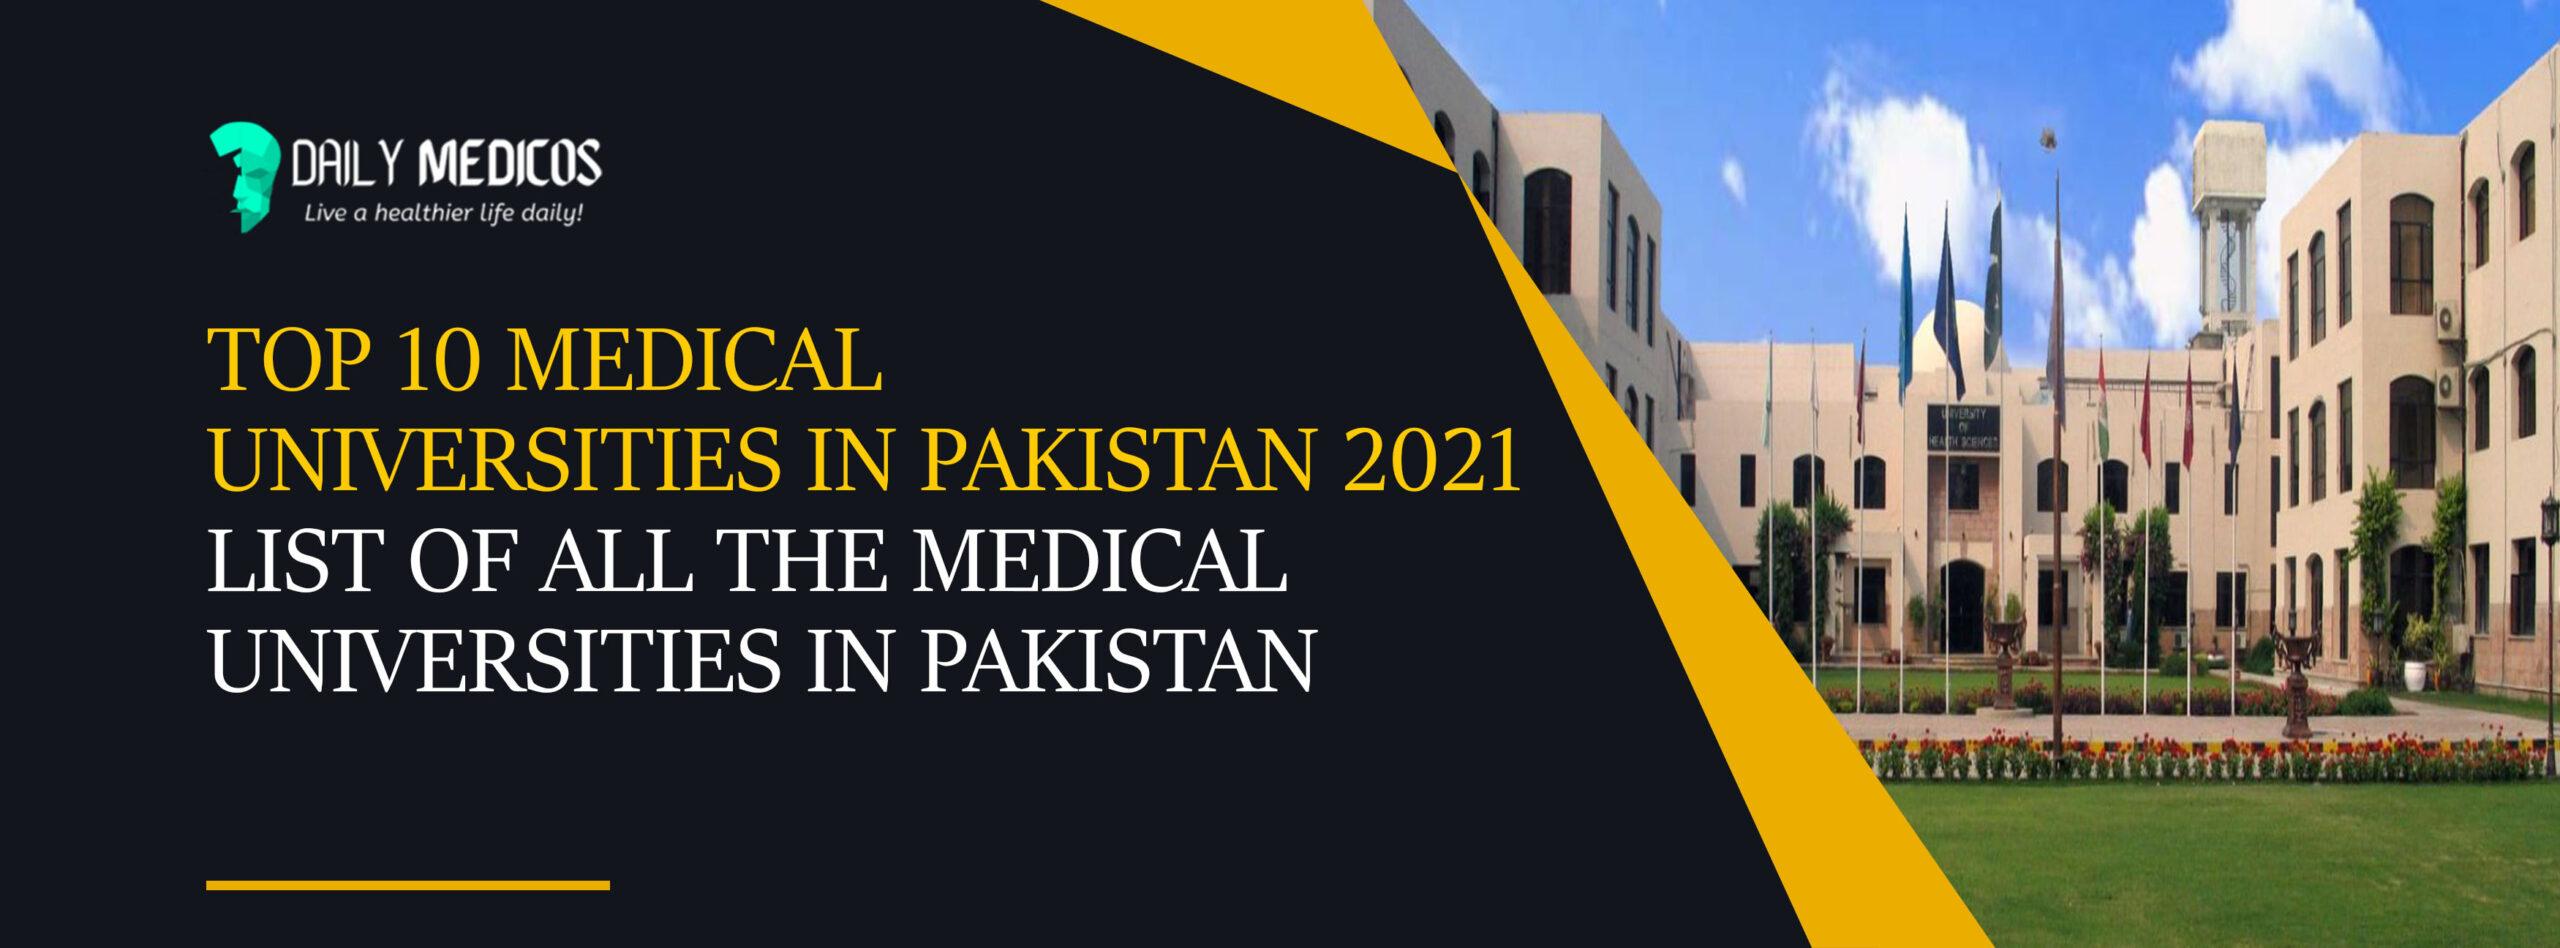 Top 10 Medical Universities in Pakistan 2021 - List of All The Medical Universities in Pakistan 1 - Daily Medicos